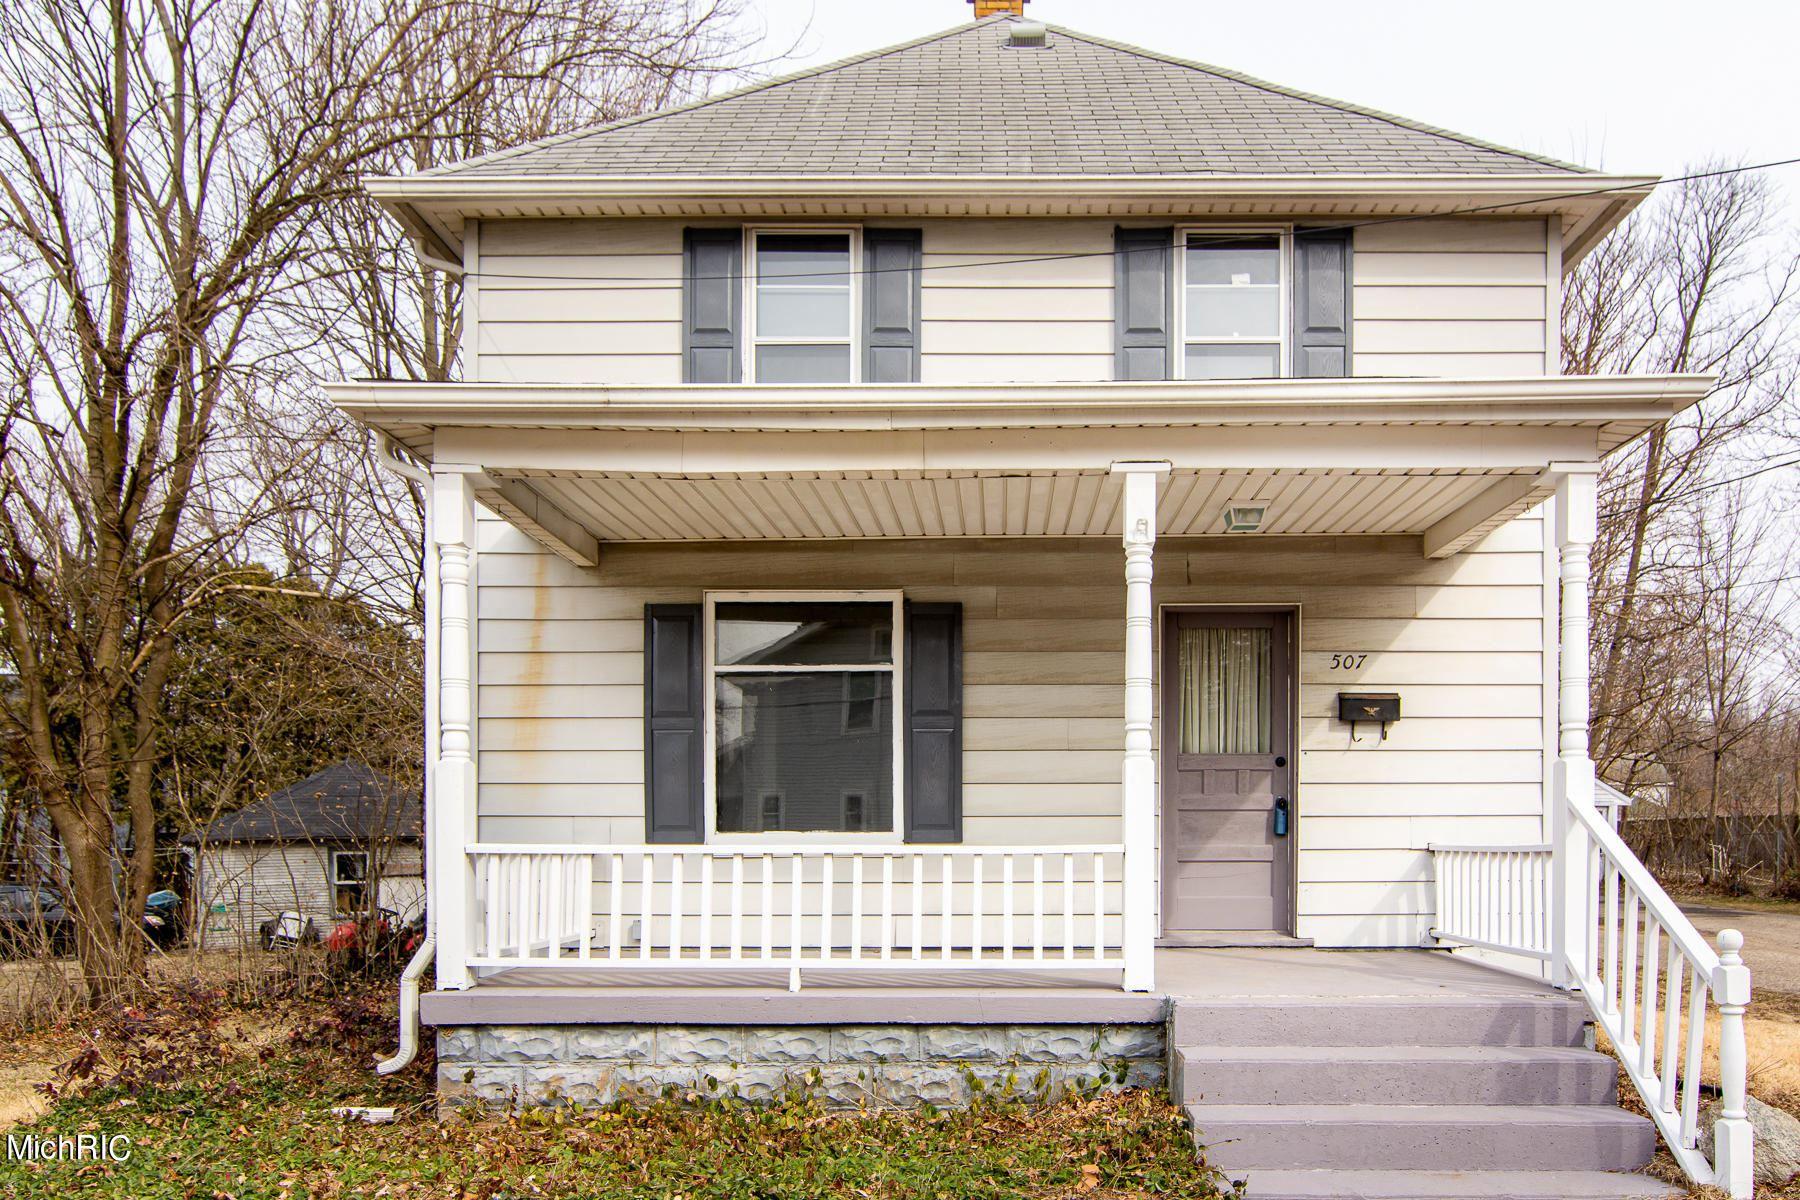 507 Michigan Street, Niles, MI 49120 - MLS#: 21007196